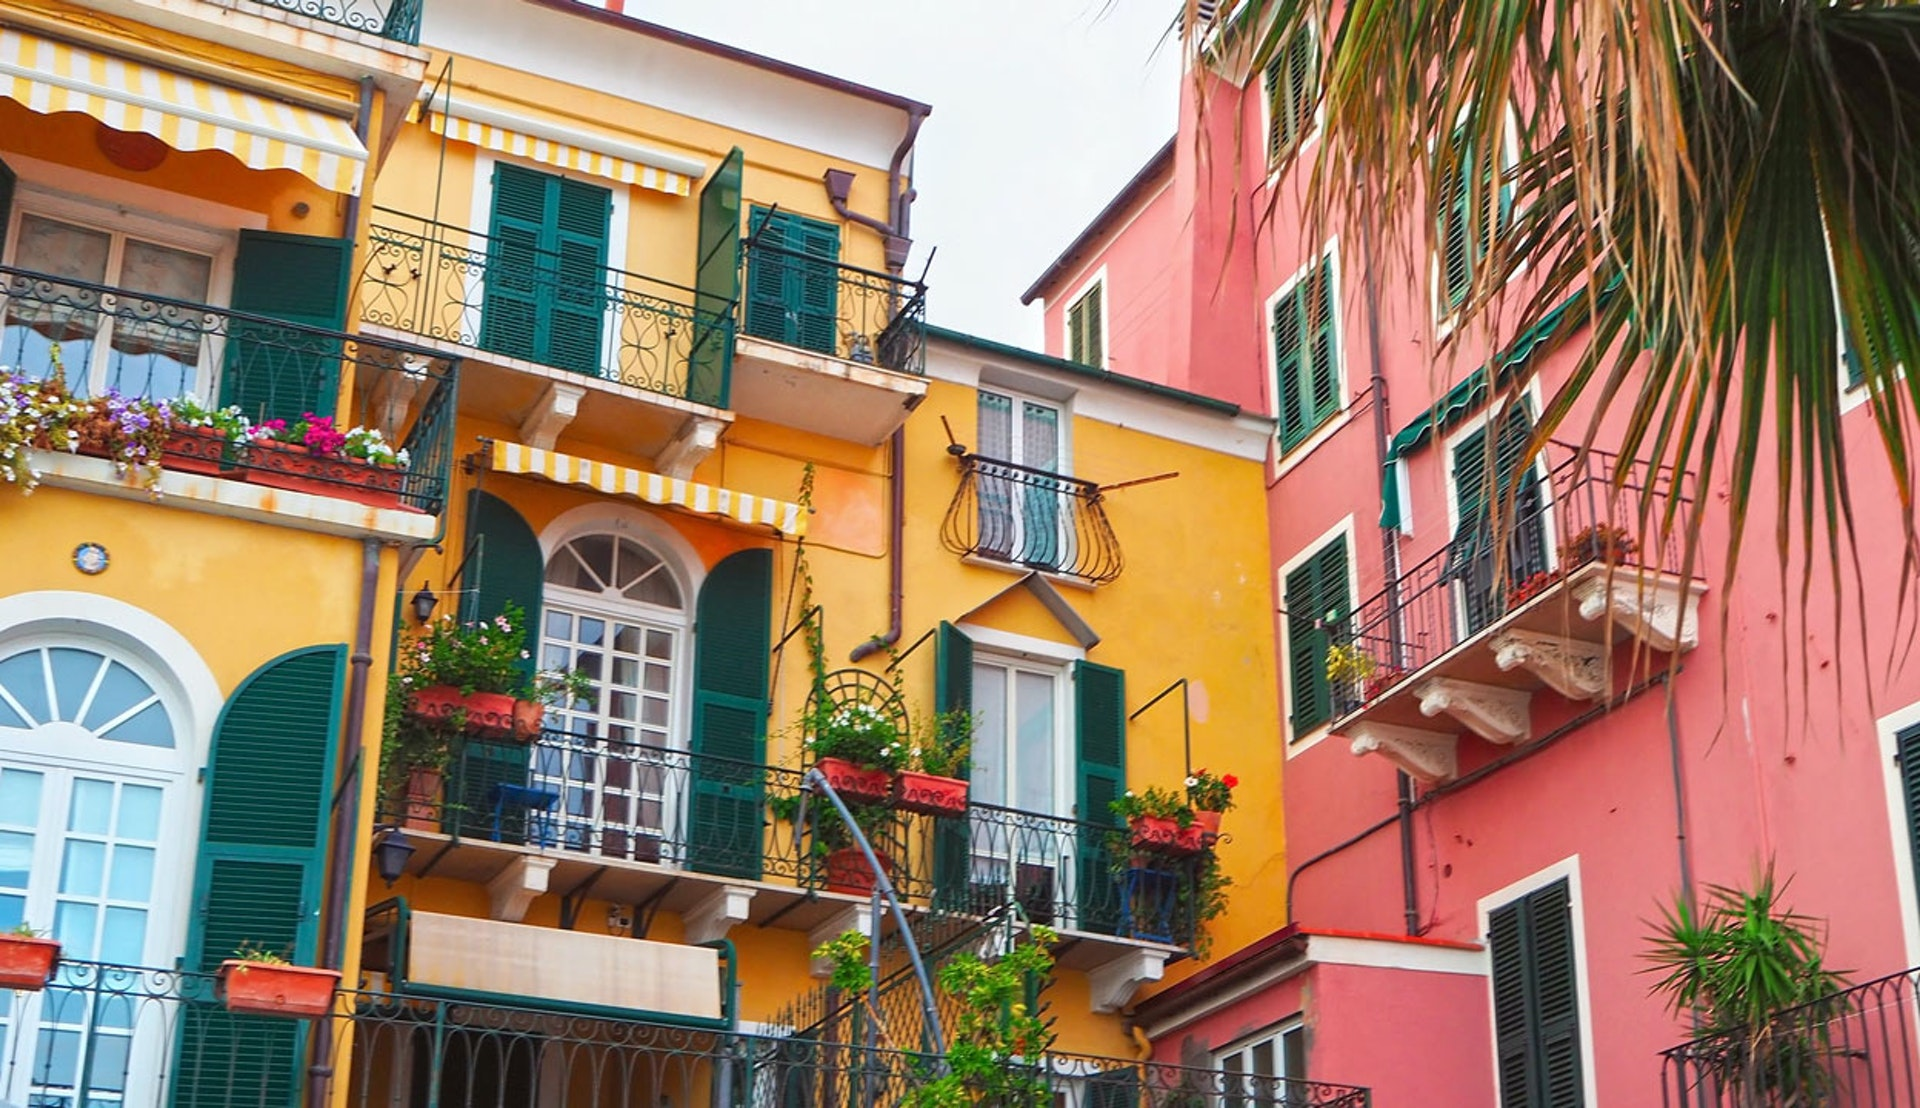 Färgglada husfasader i Savona i Italien.